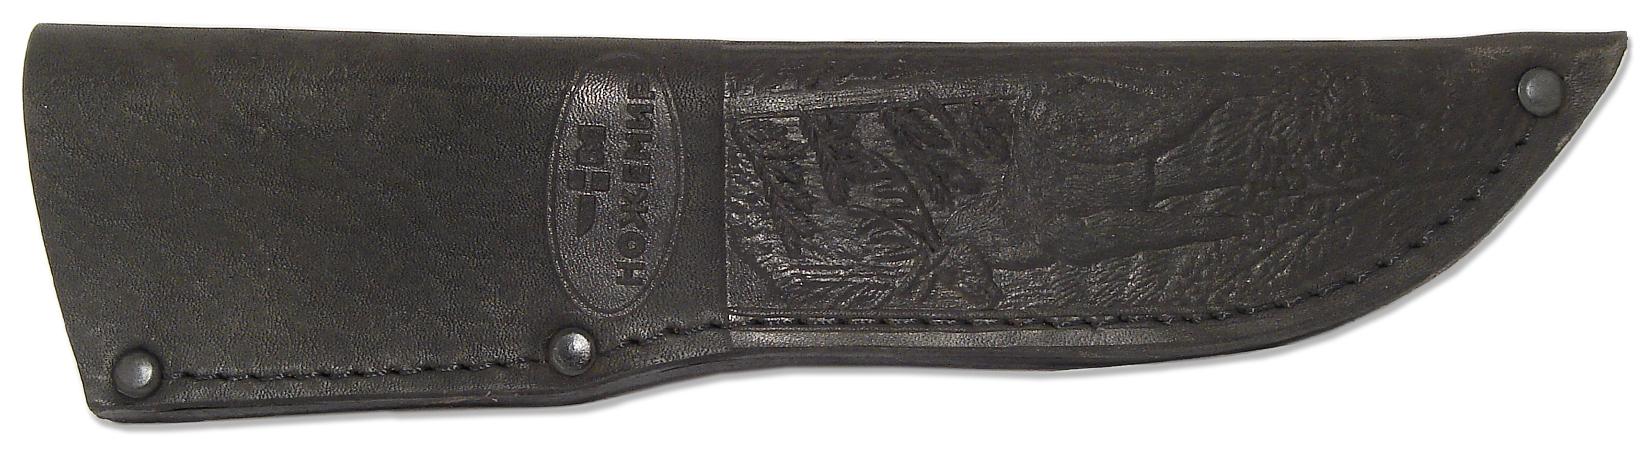 Чехол для нескладного ножа Ножемир, цвет: черный. Чехол №6